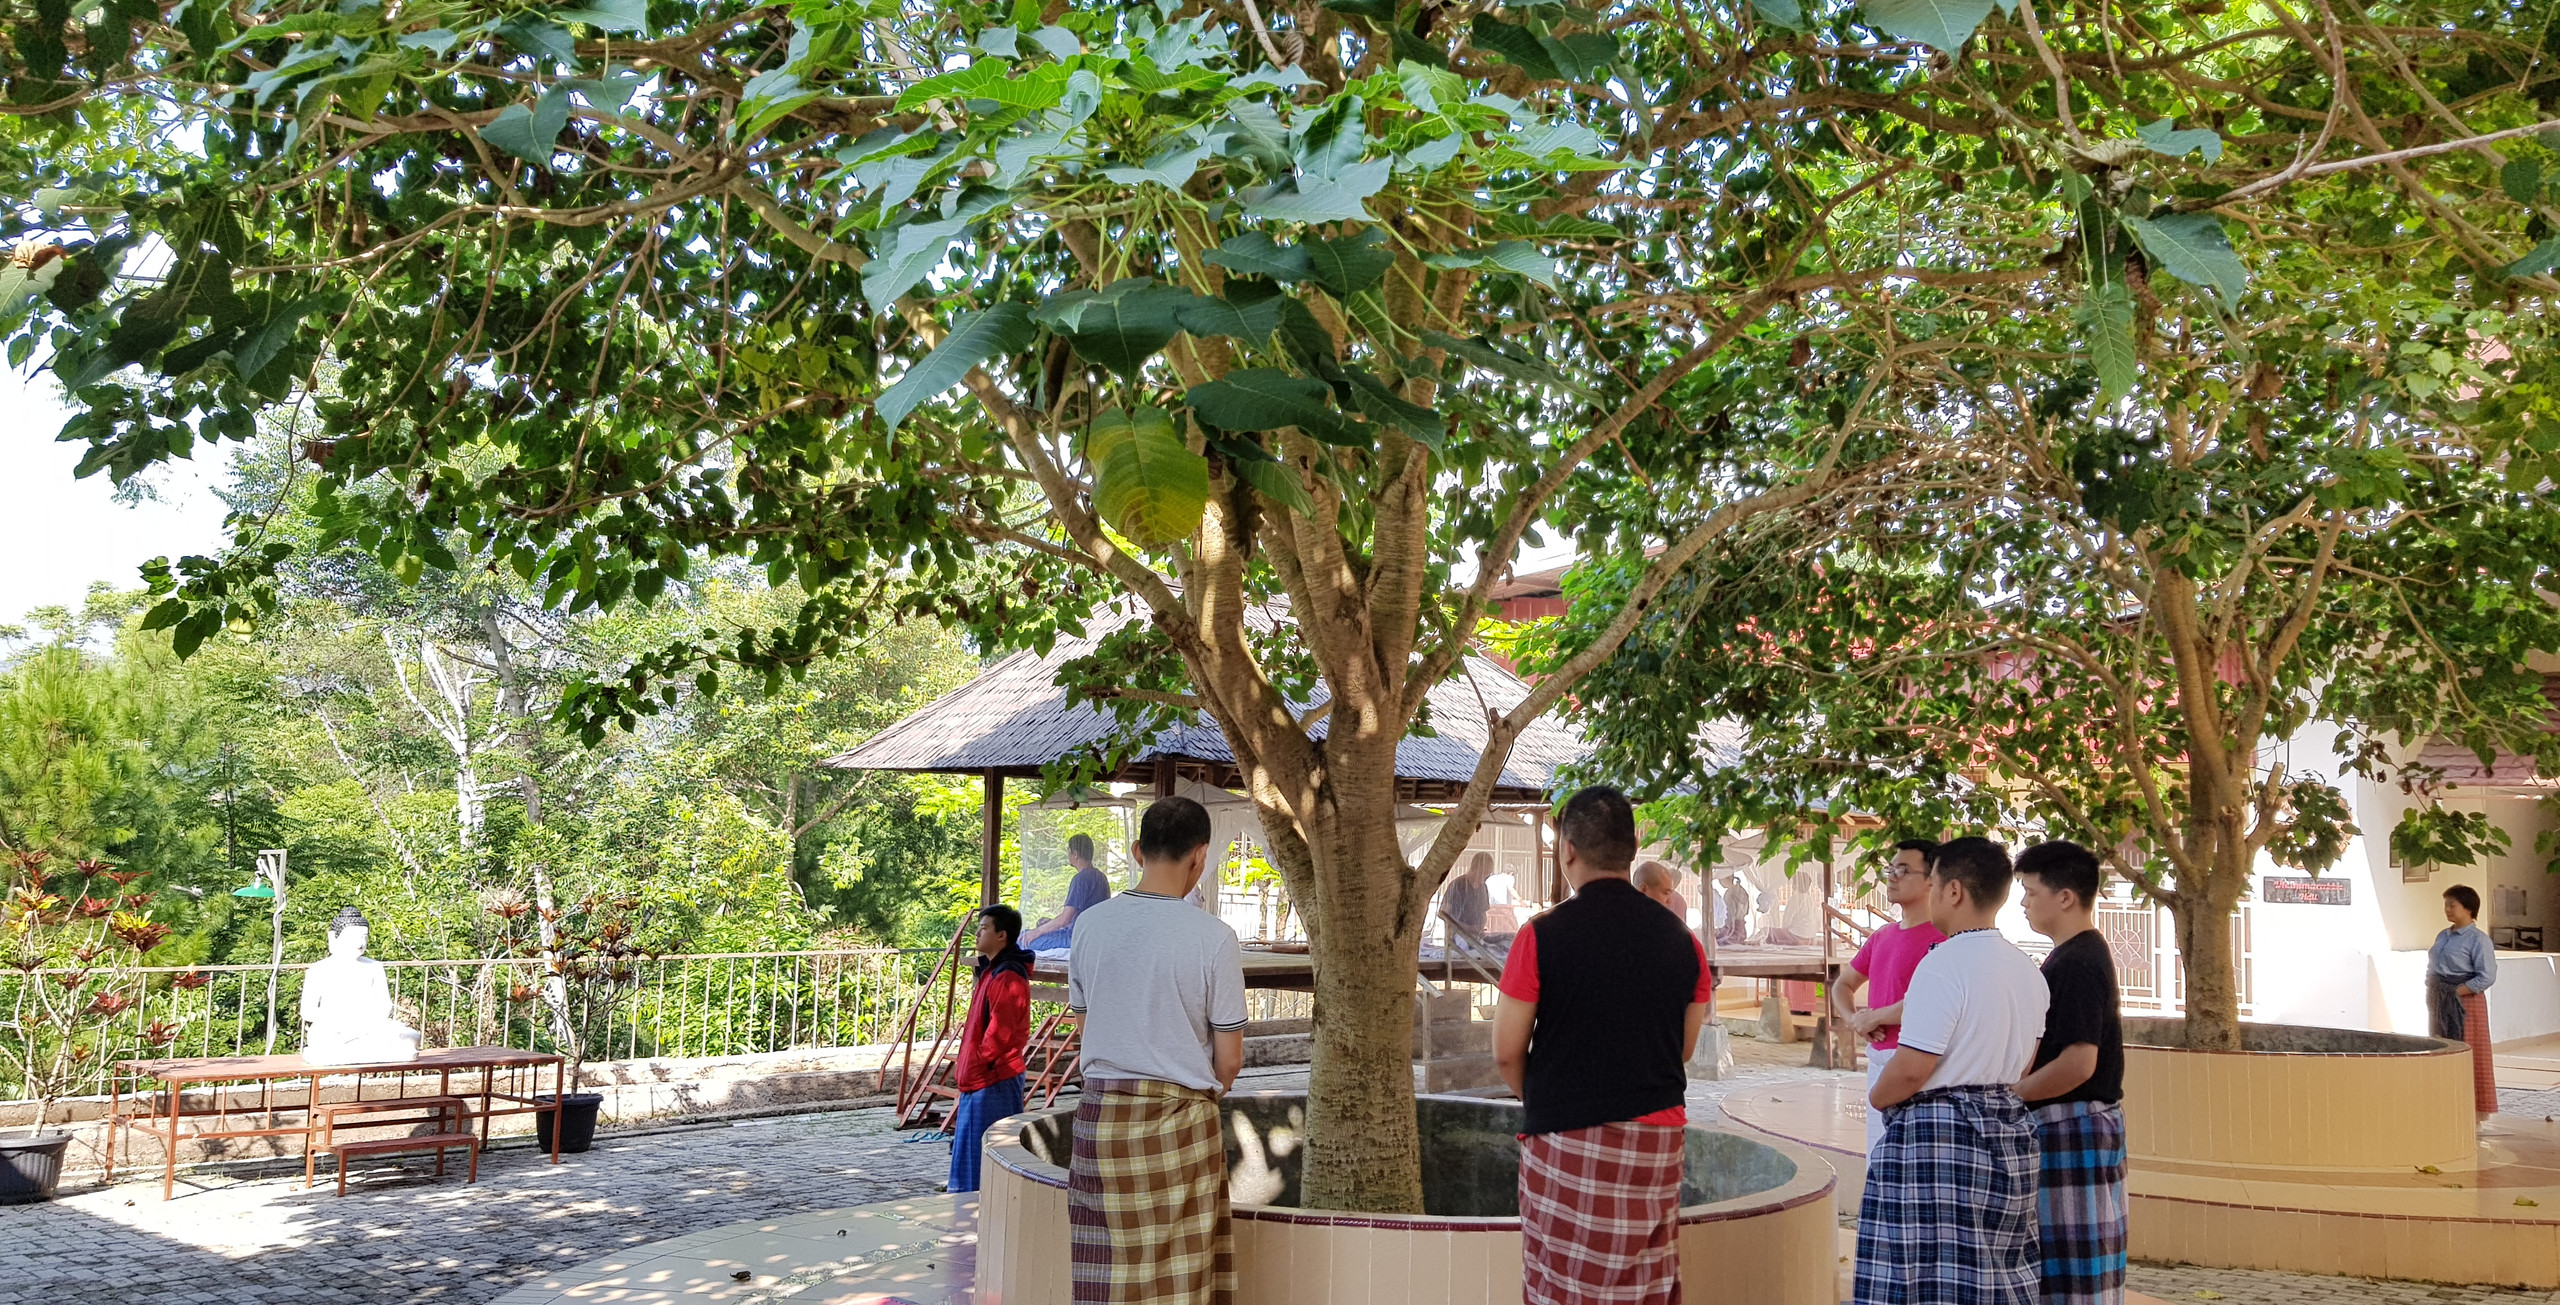 Retret Meditasi Juni 2018 di Bakom, Cianjur